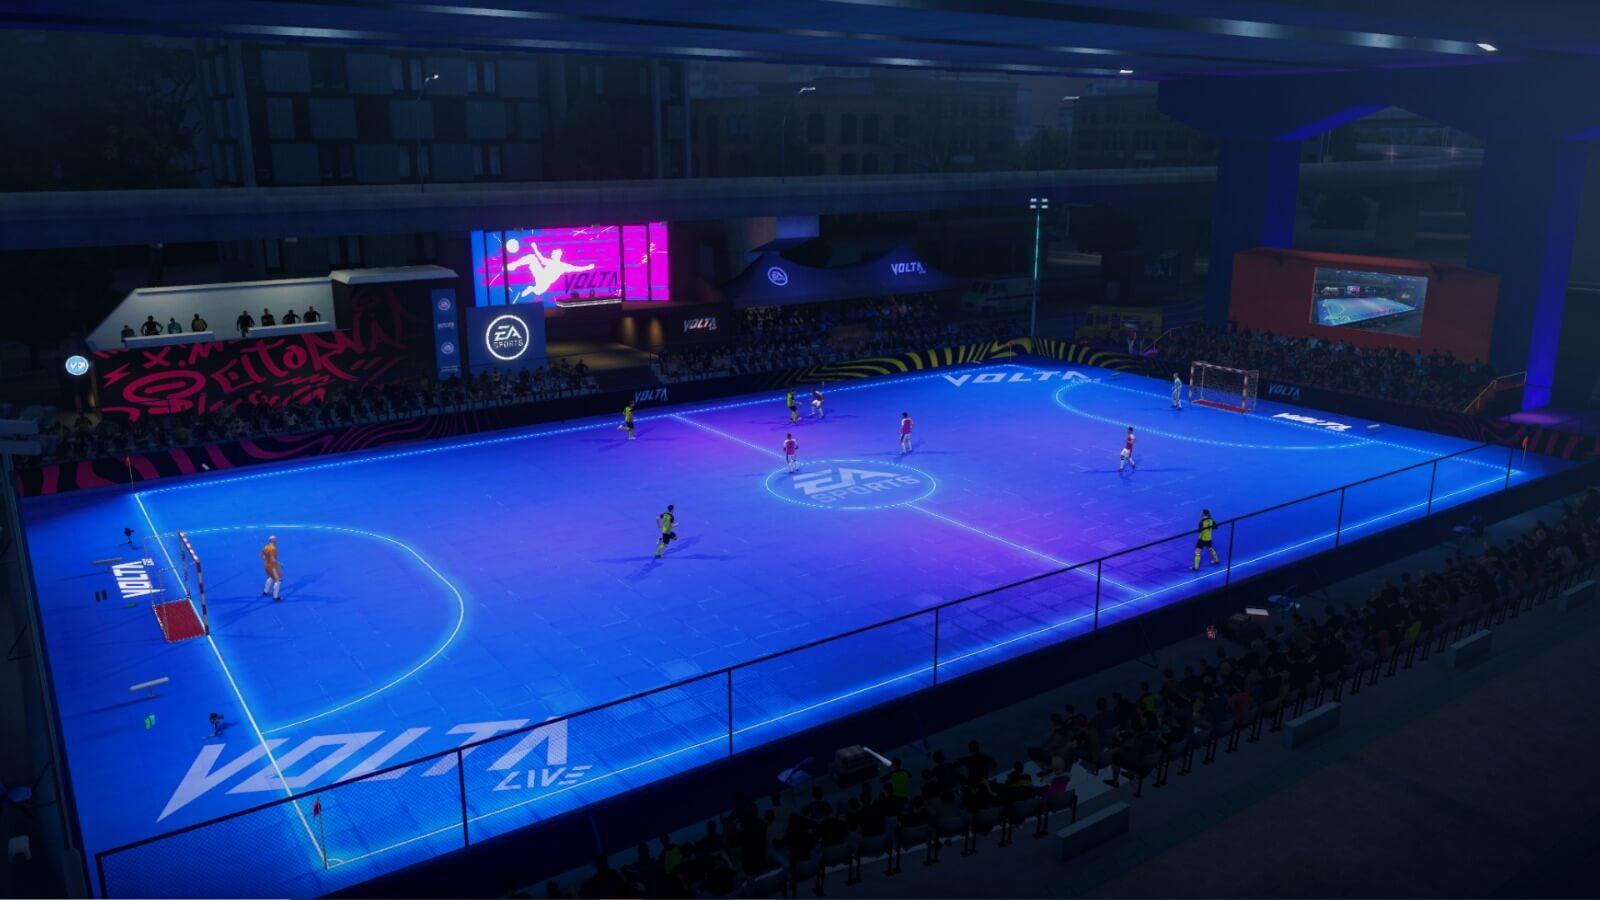 Yeni FIFA Online 4 oyun modu Volta Live tanıtıldı